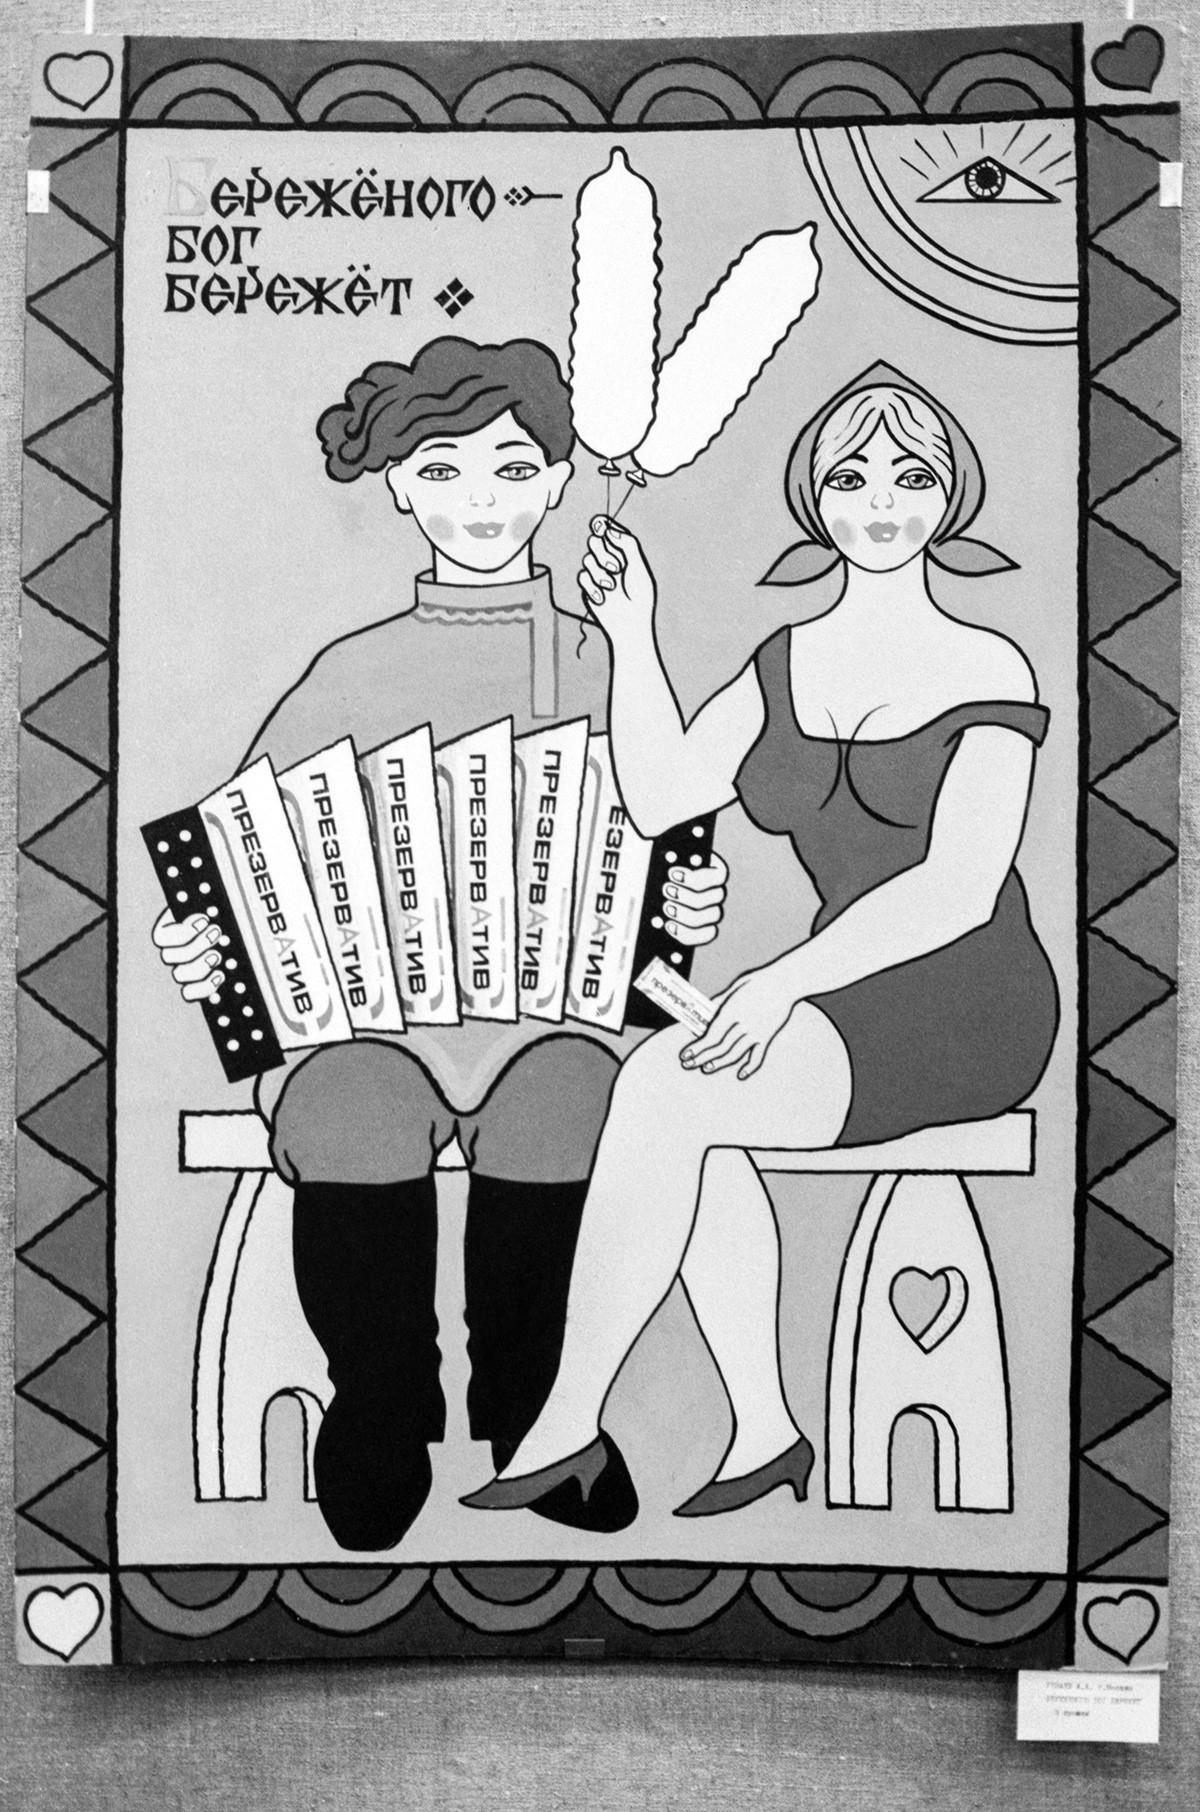 """СССР, Москва. 2 февруари 1991 година. Плакат на уметникот А. Акмаева """"Кој се чува и Бог го чува"""" на изложба на плакати."""